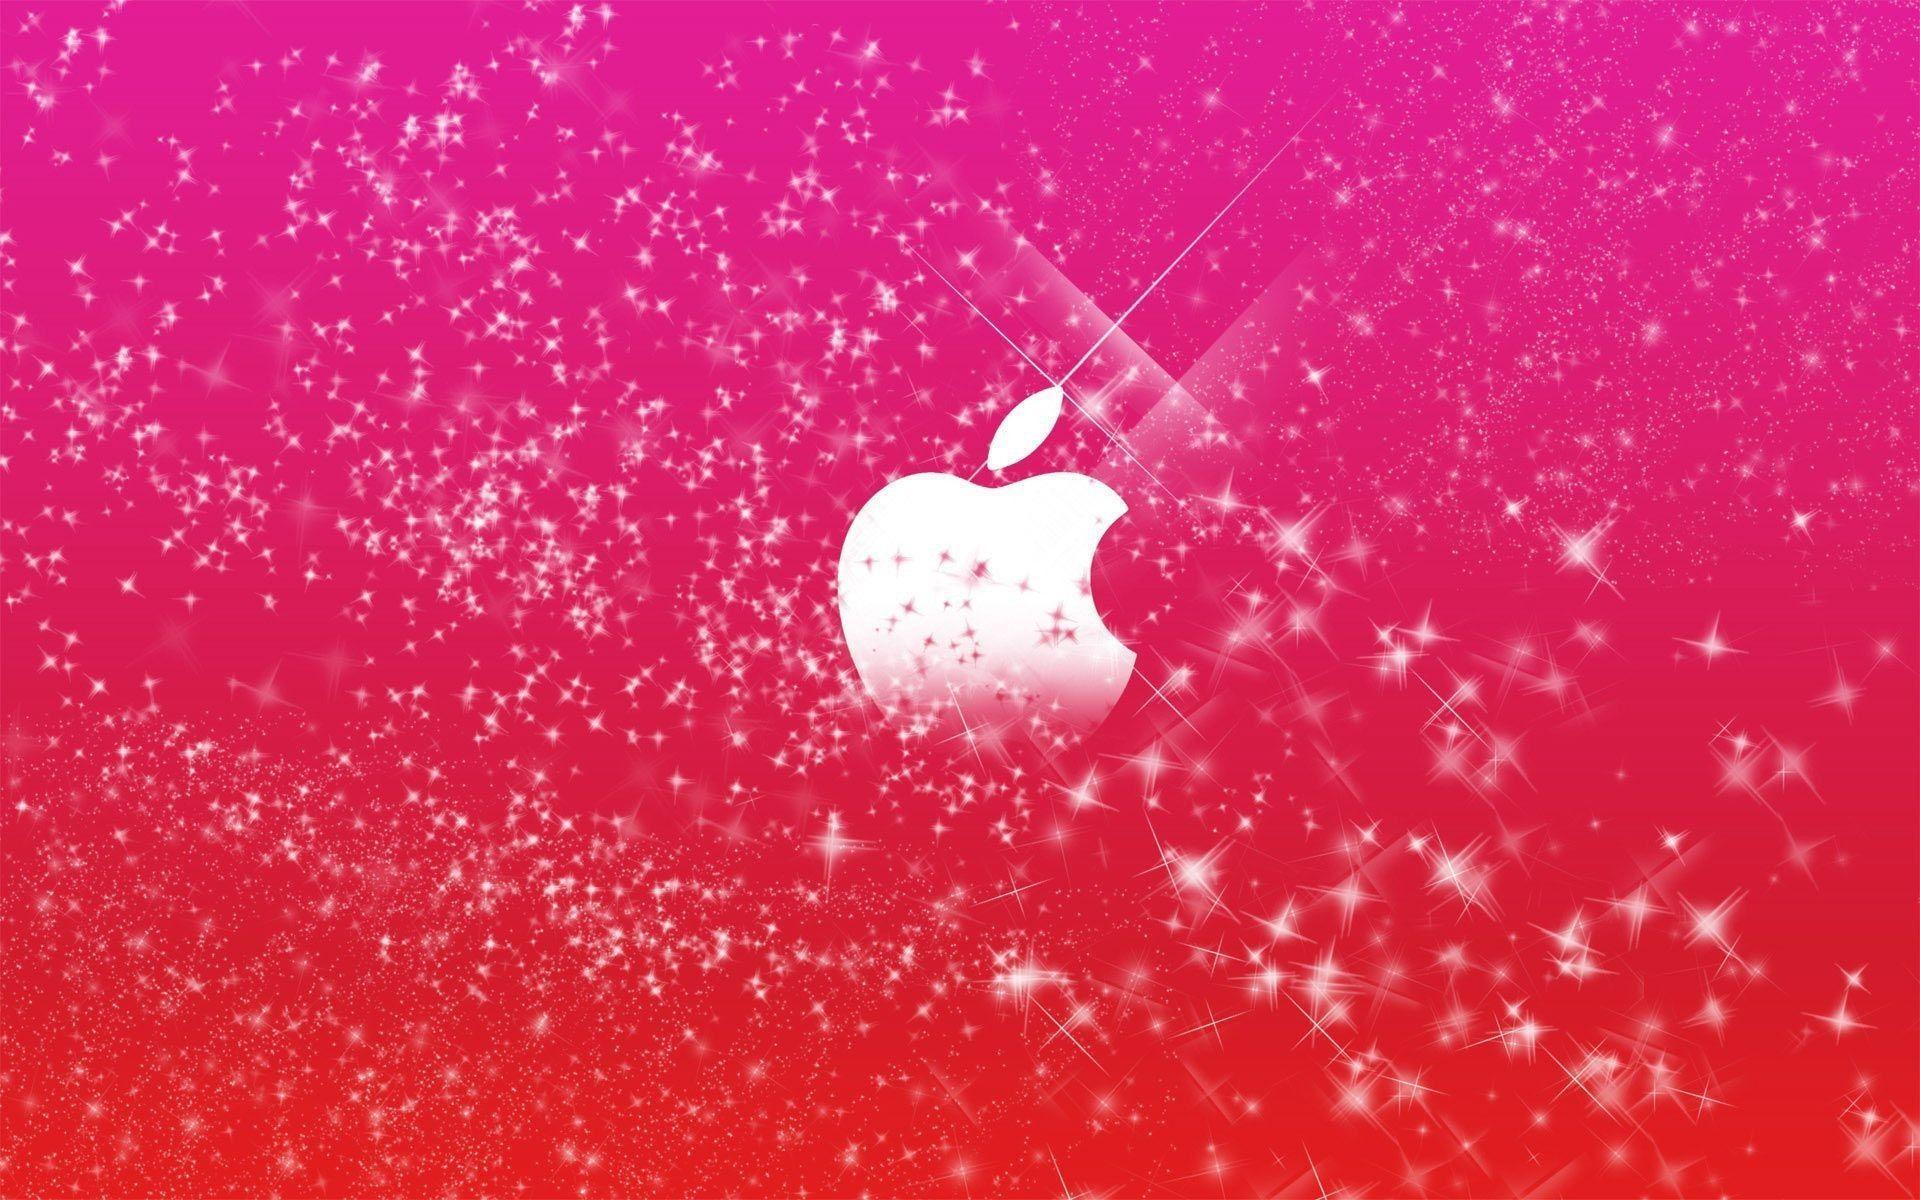 Hình nền máy tính 1920x1200 màu hồng